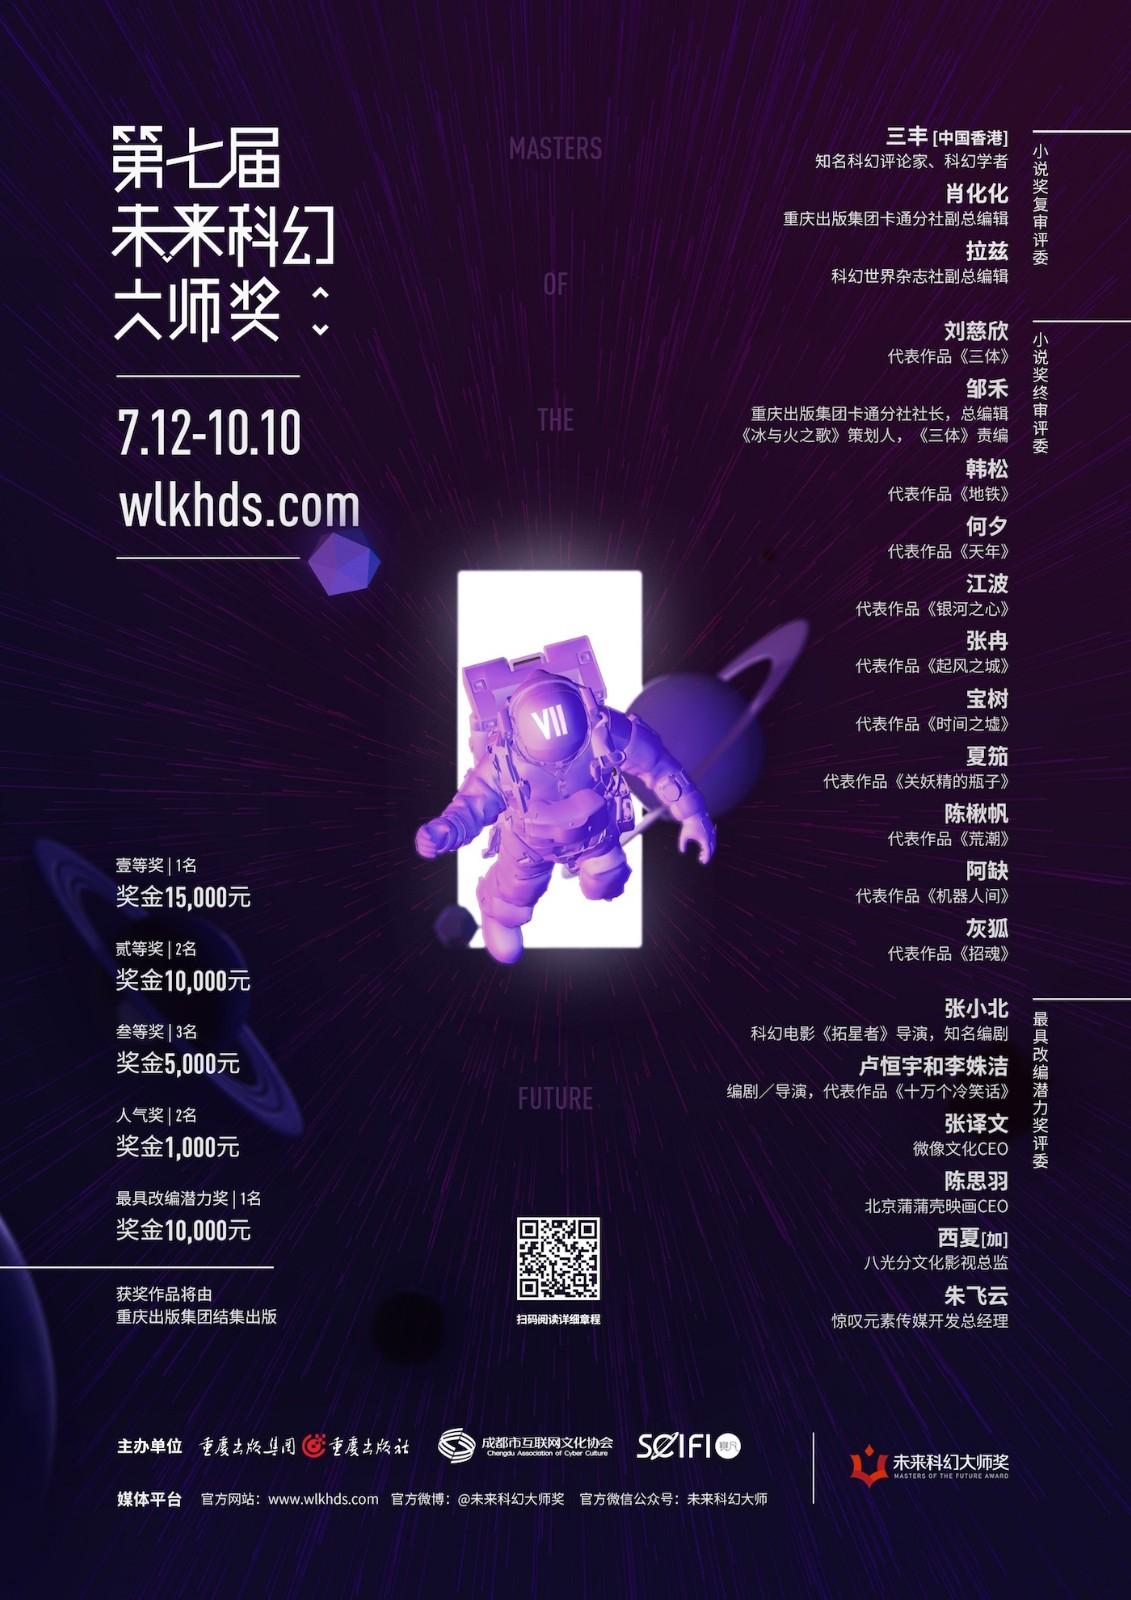 第七届未来科幻大师奖(主海报).jpg